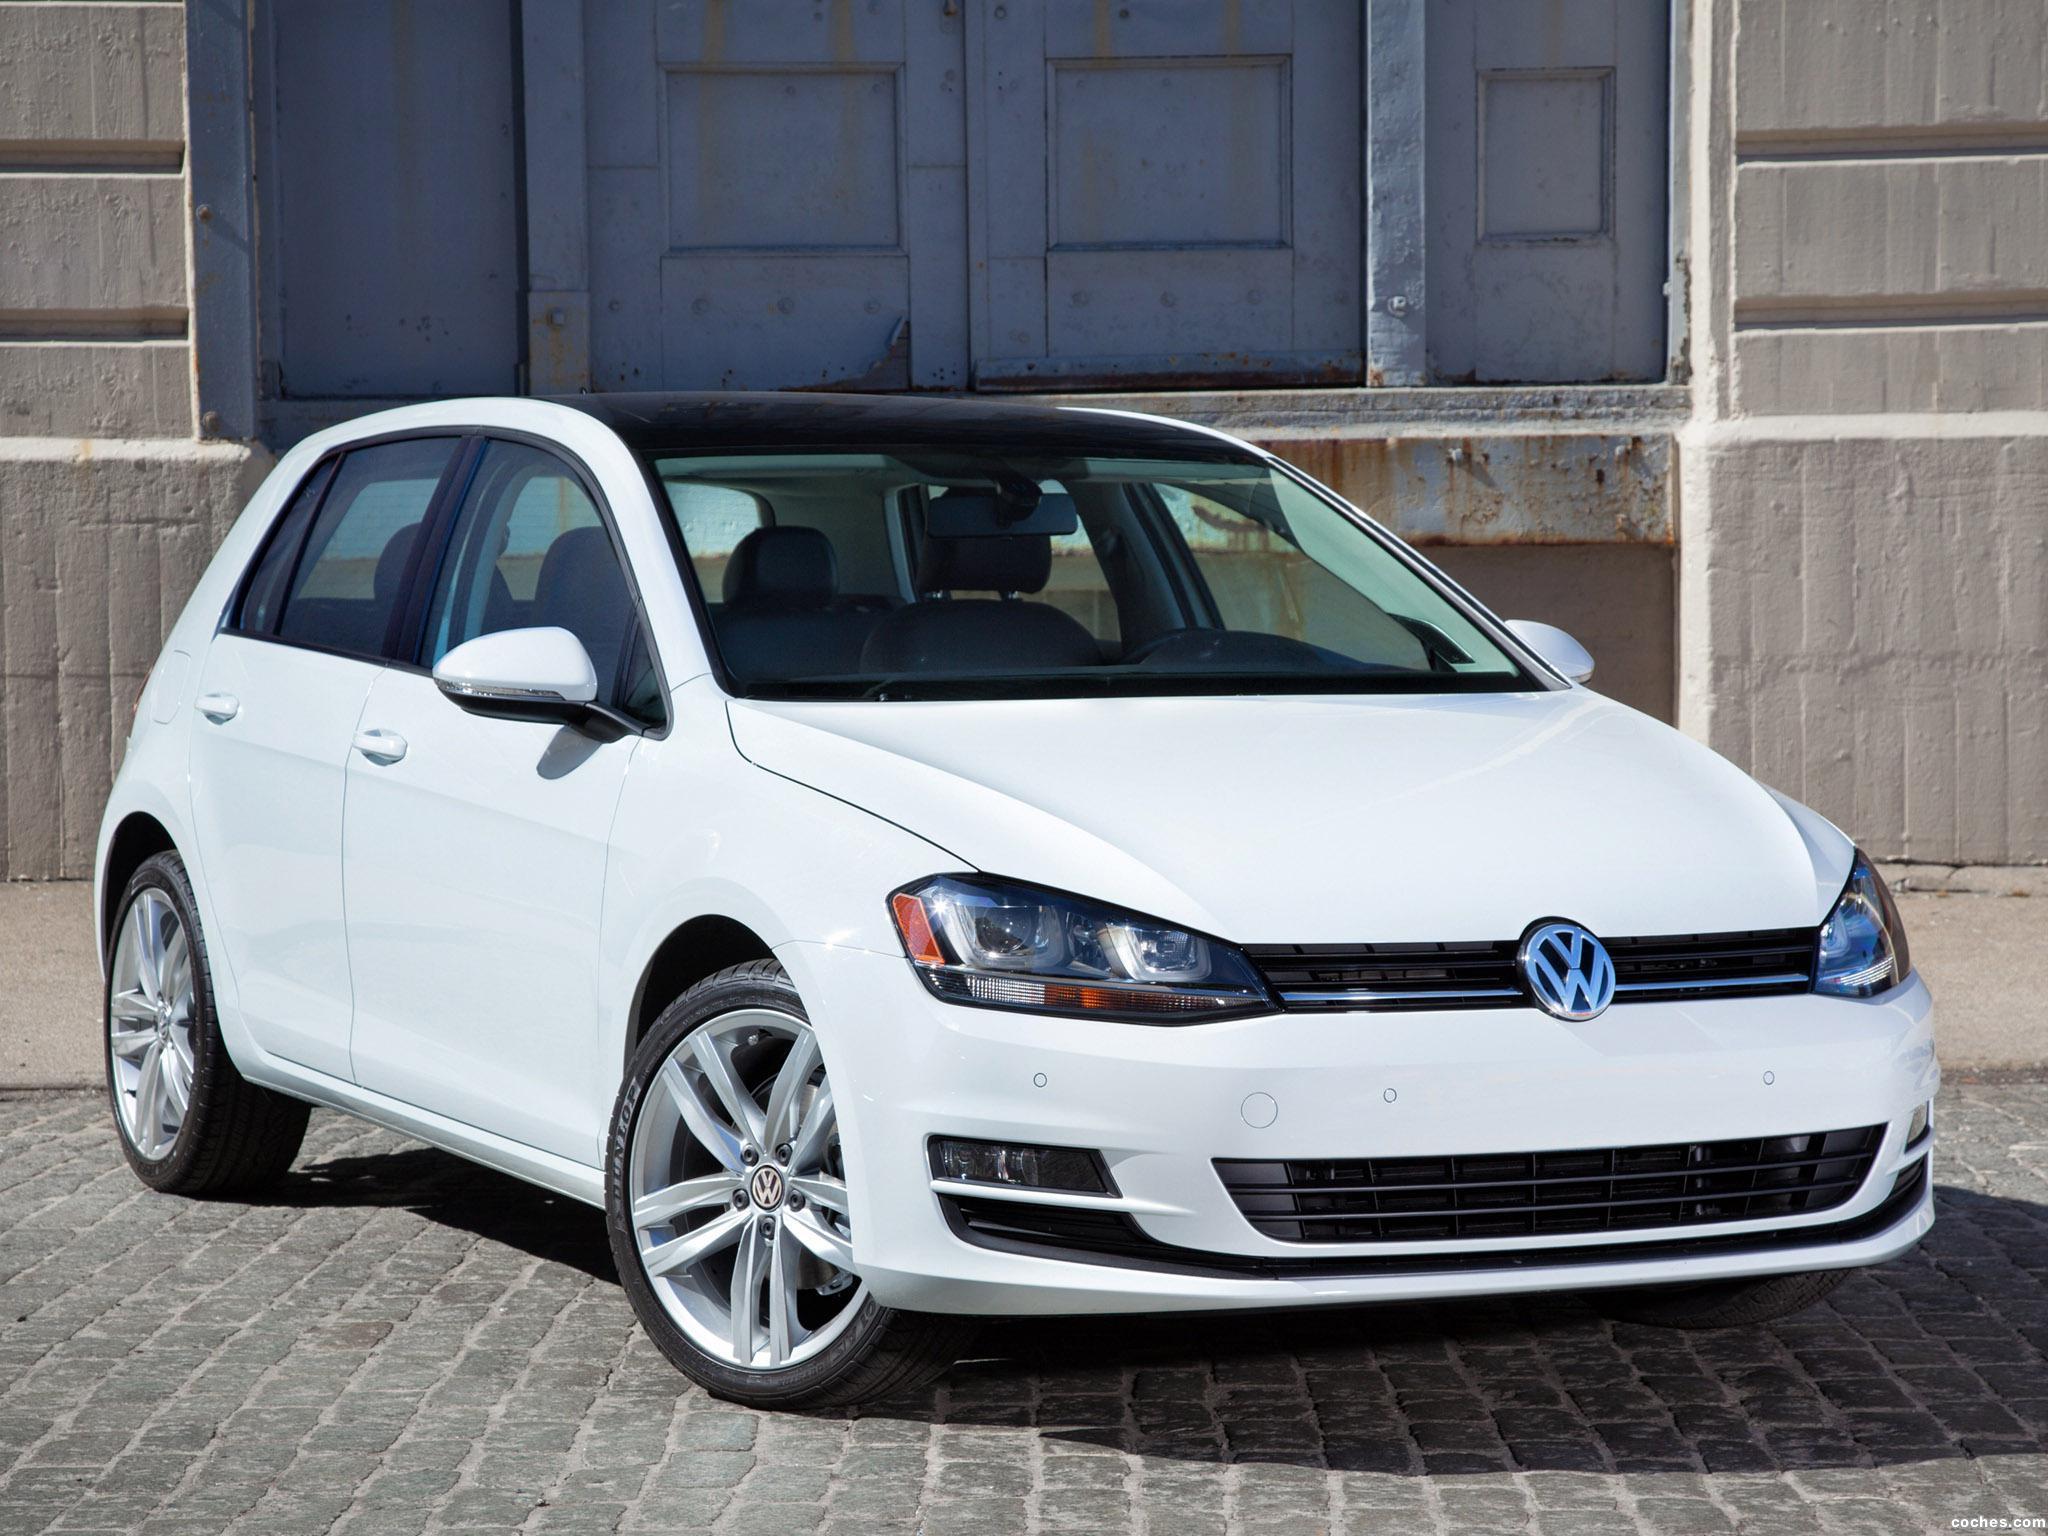 Foto 0 de Volkswagen Golf TDI 5 Puertas USA 2014